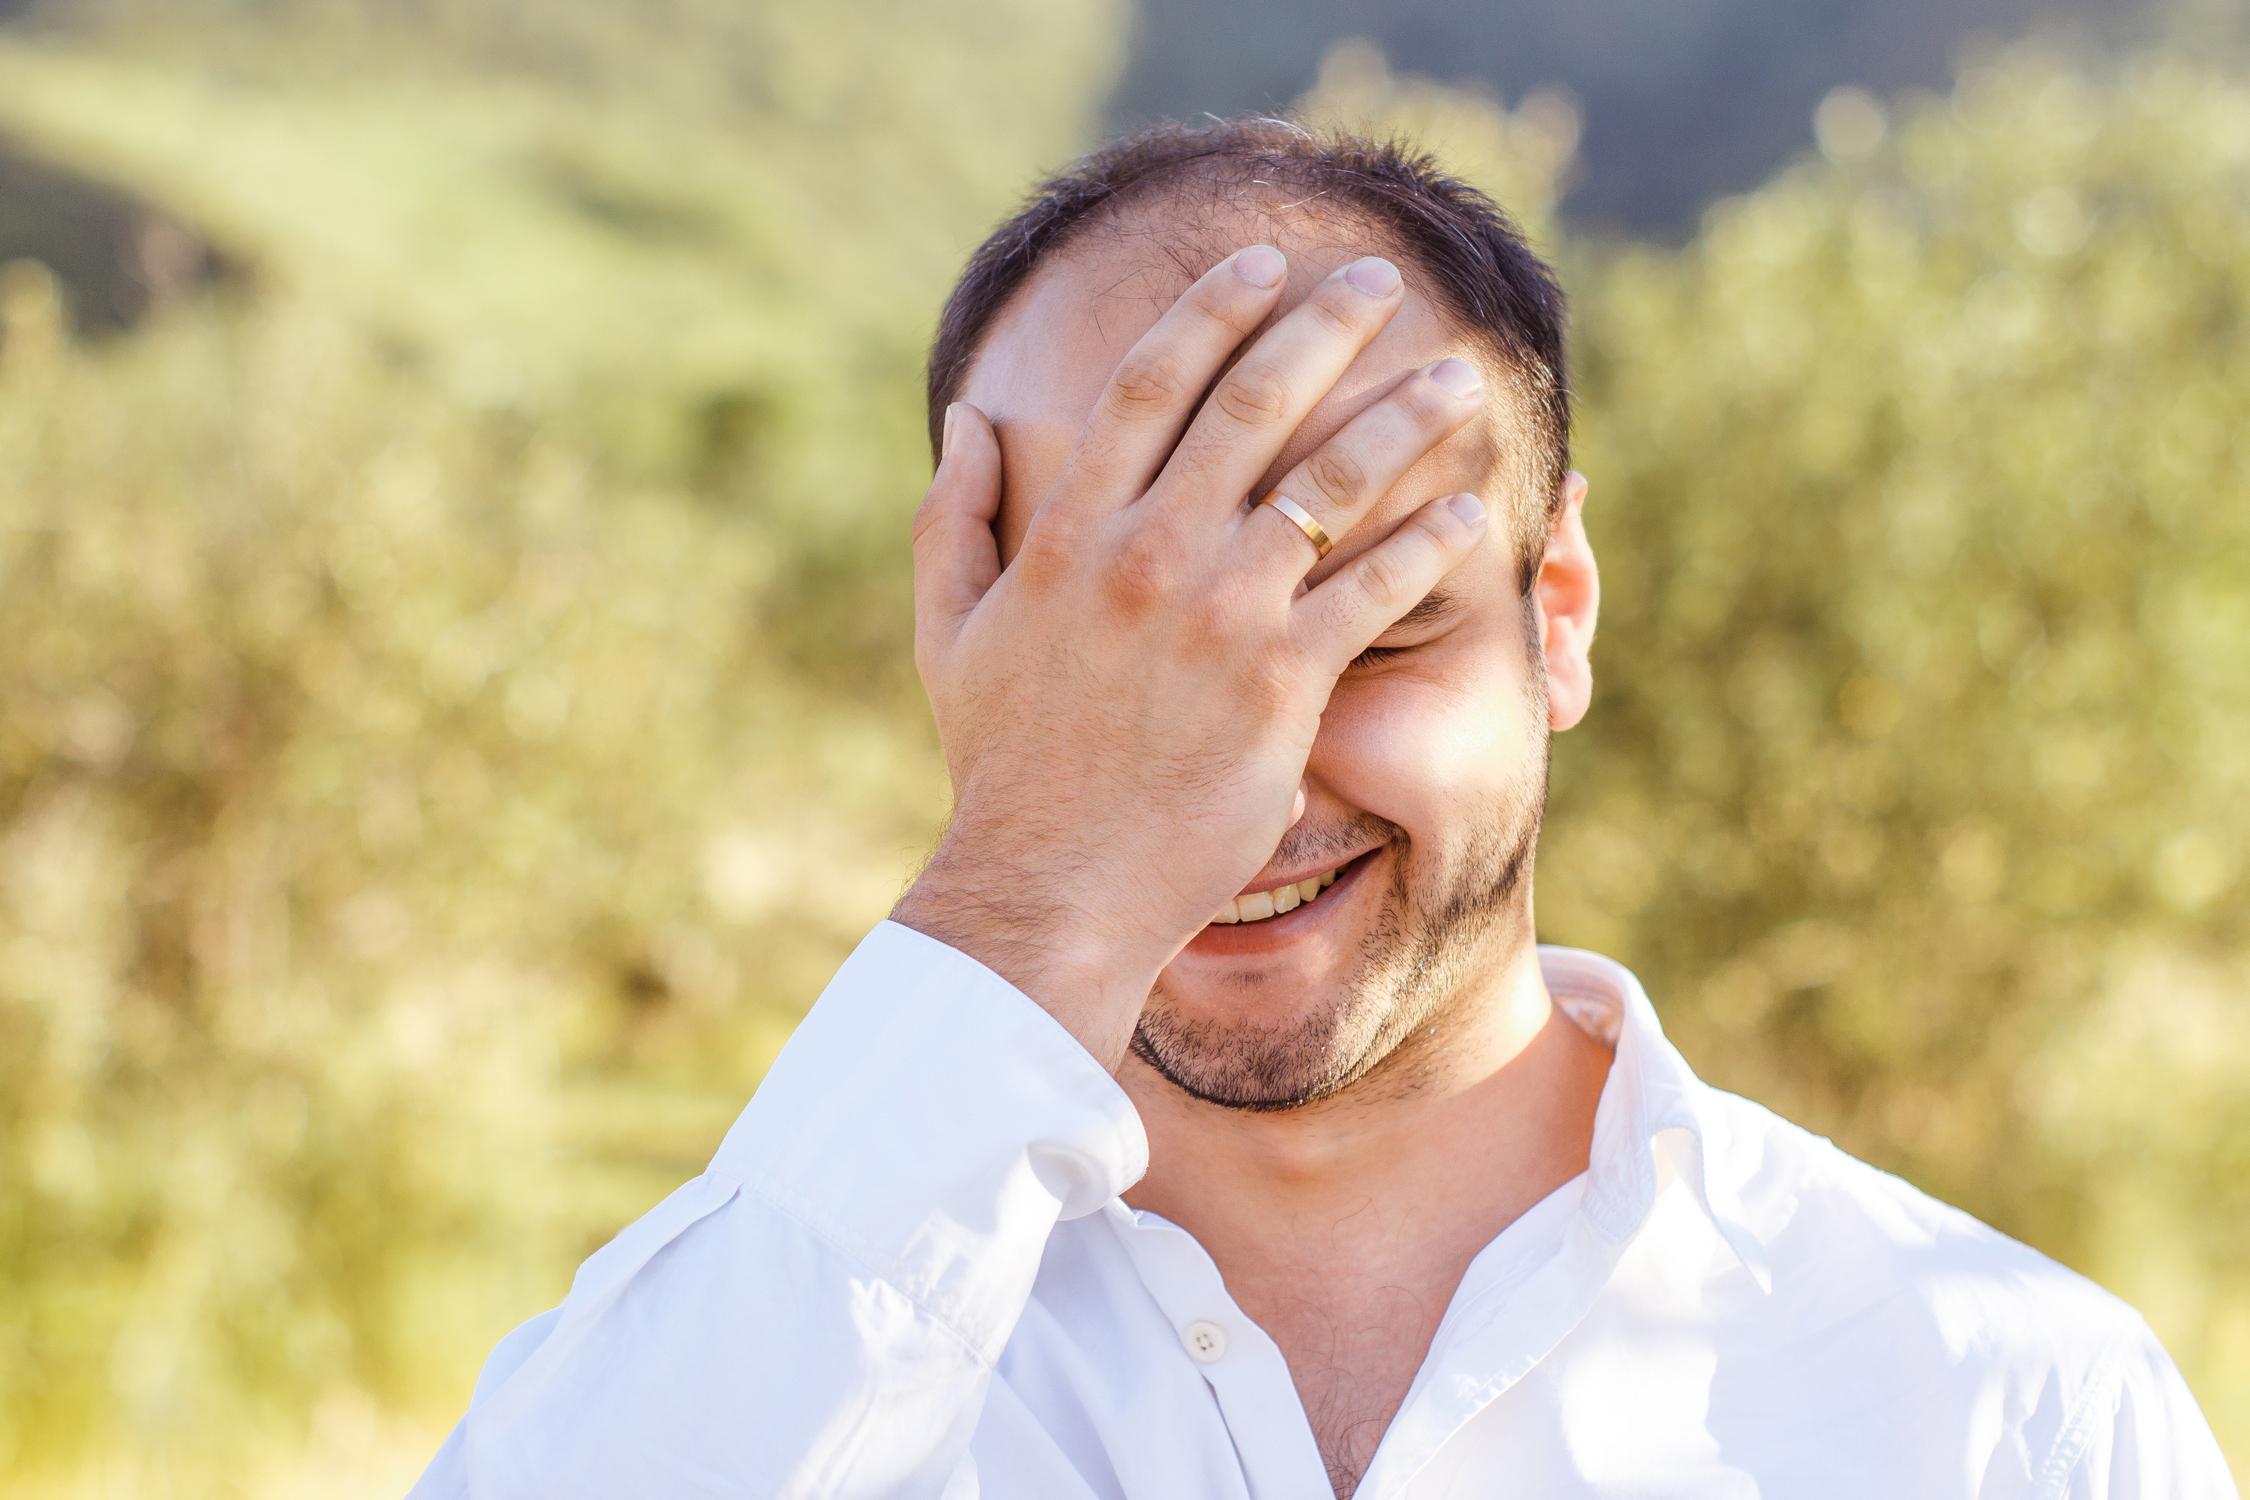 Przyczyny łysienia u mężczyzn - MrGentleman.pl